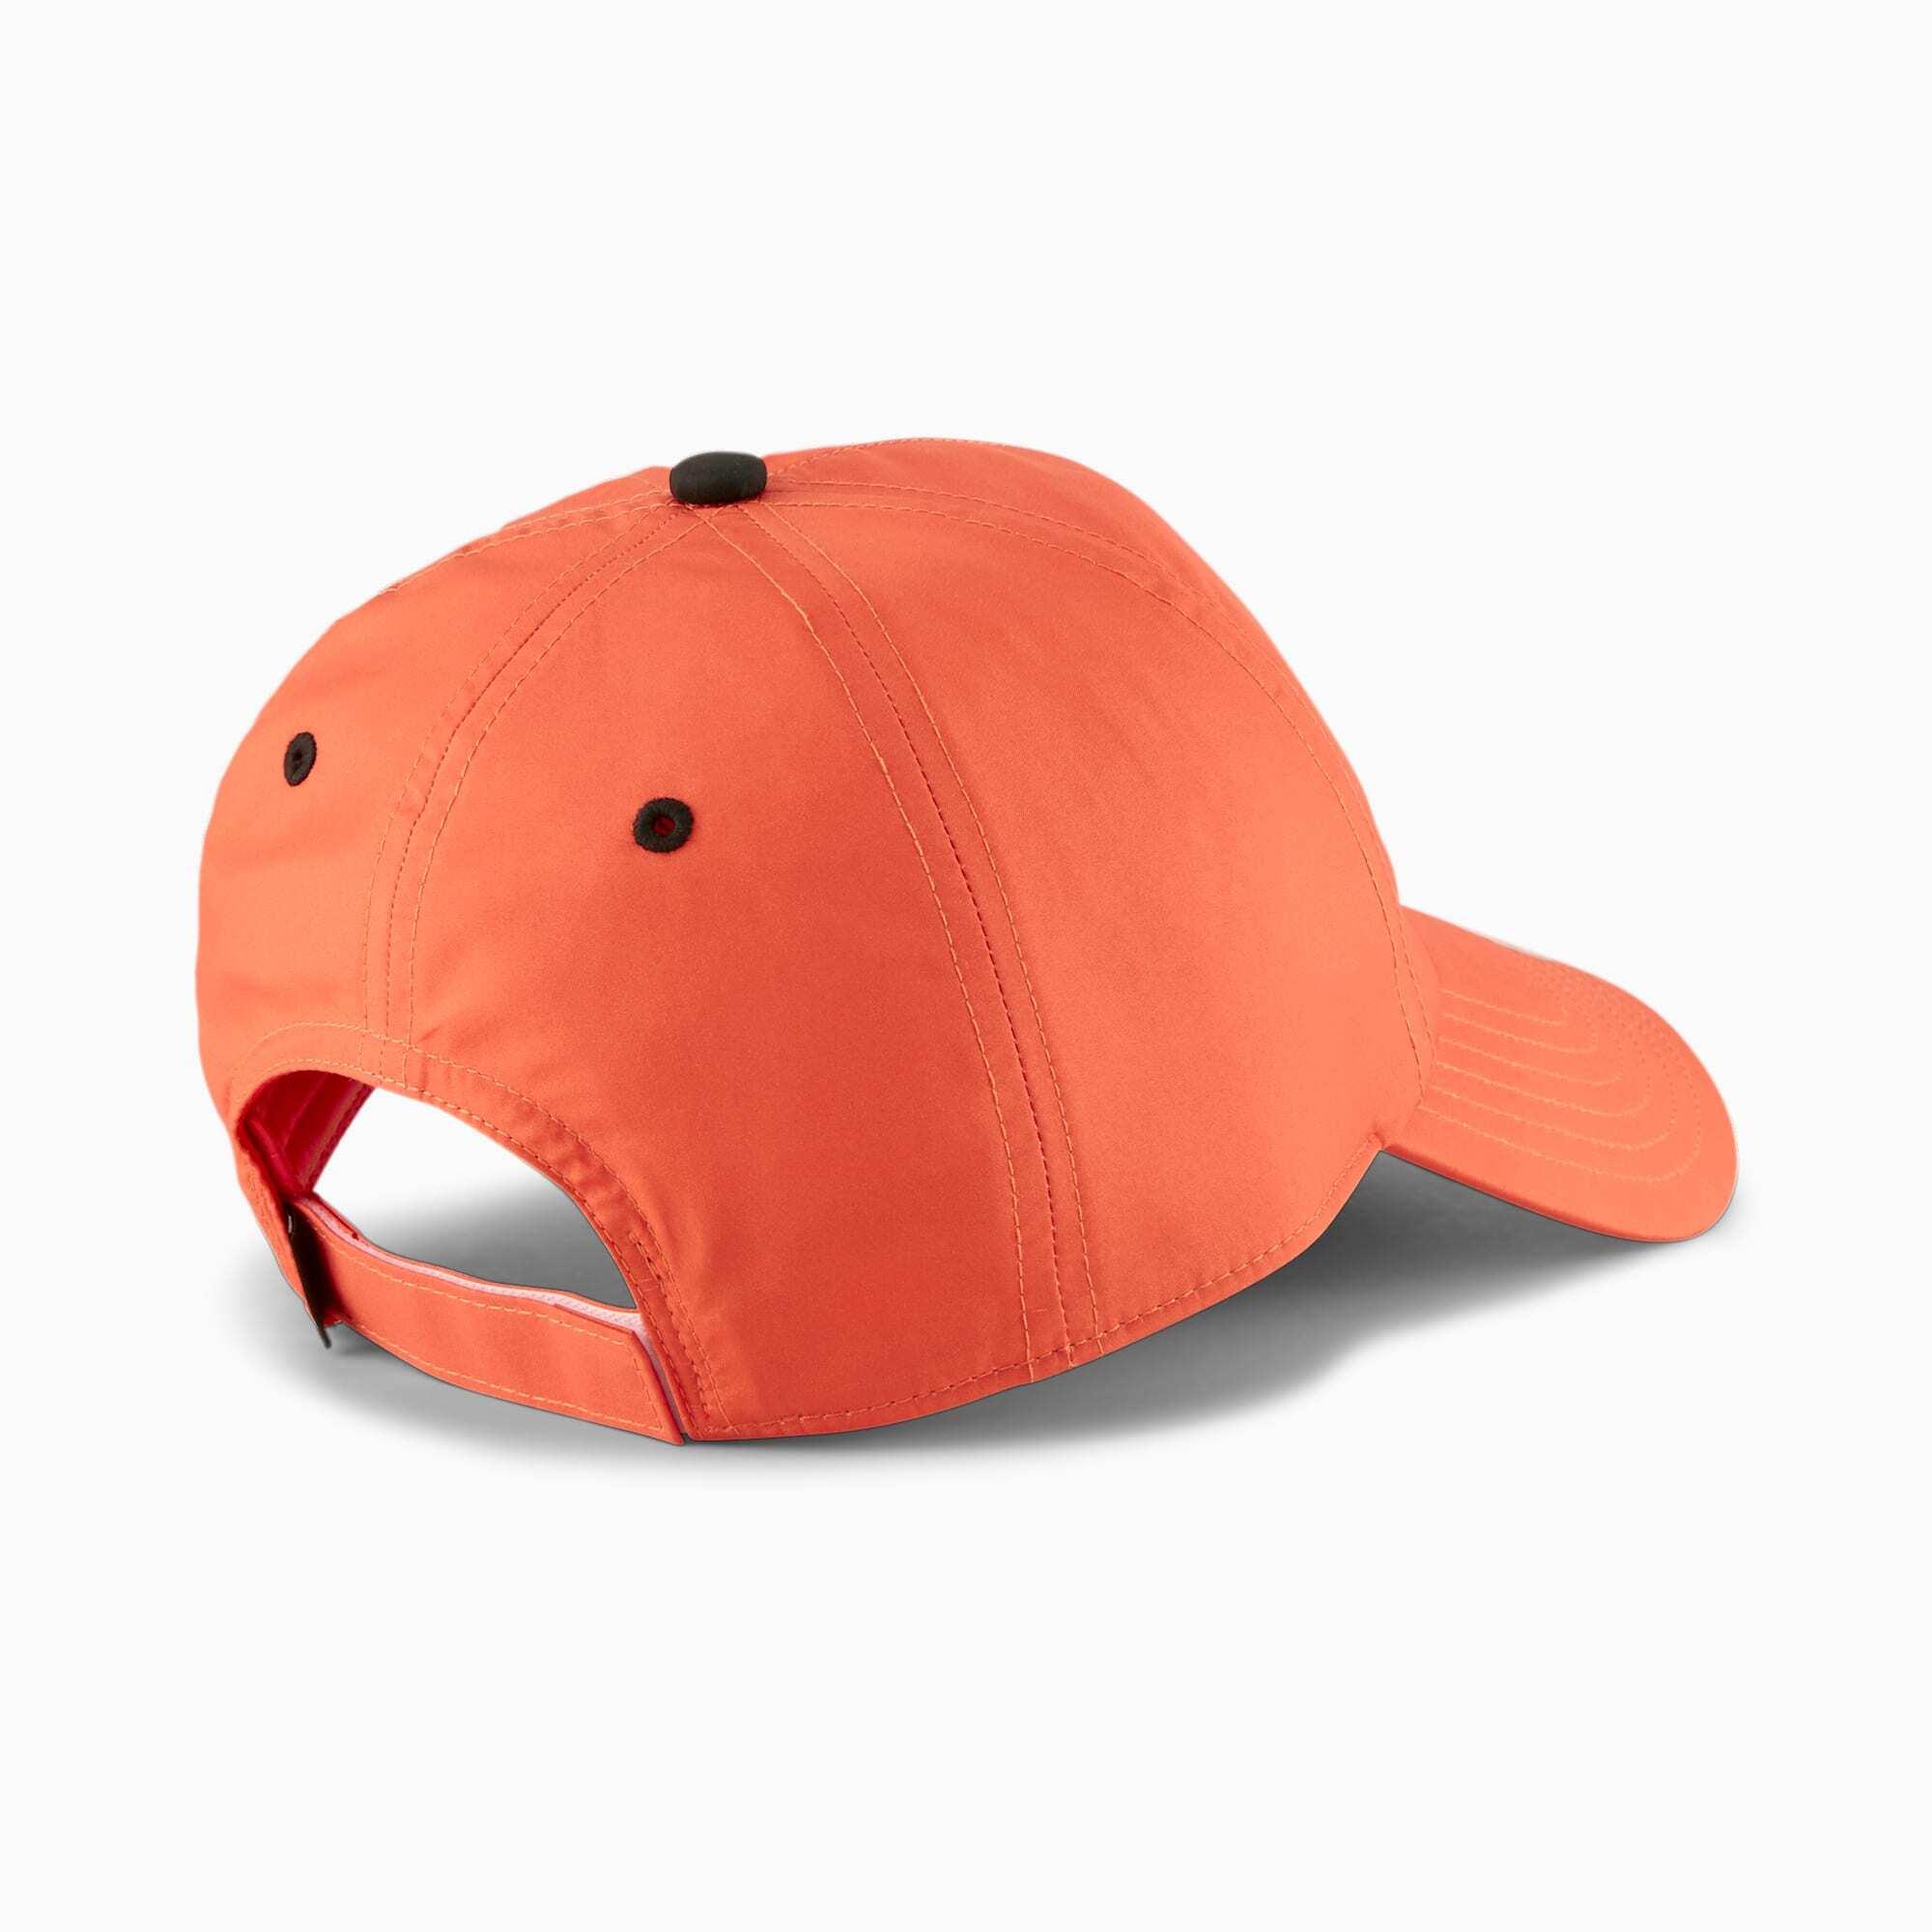 Animal Çocuk Turuncu Beyzbol Şapkası (023161-03)